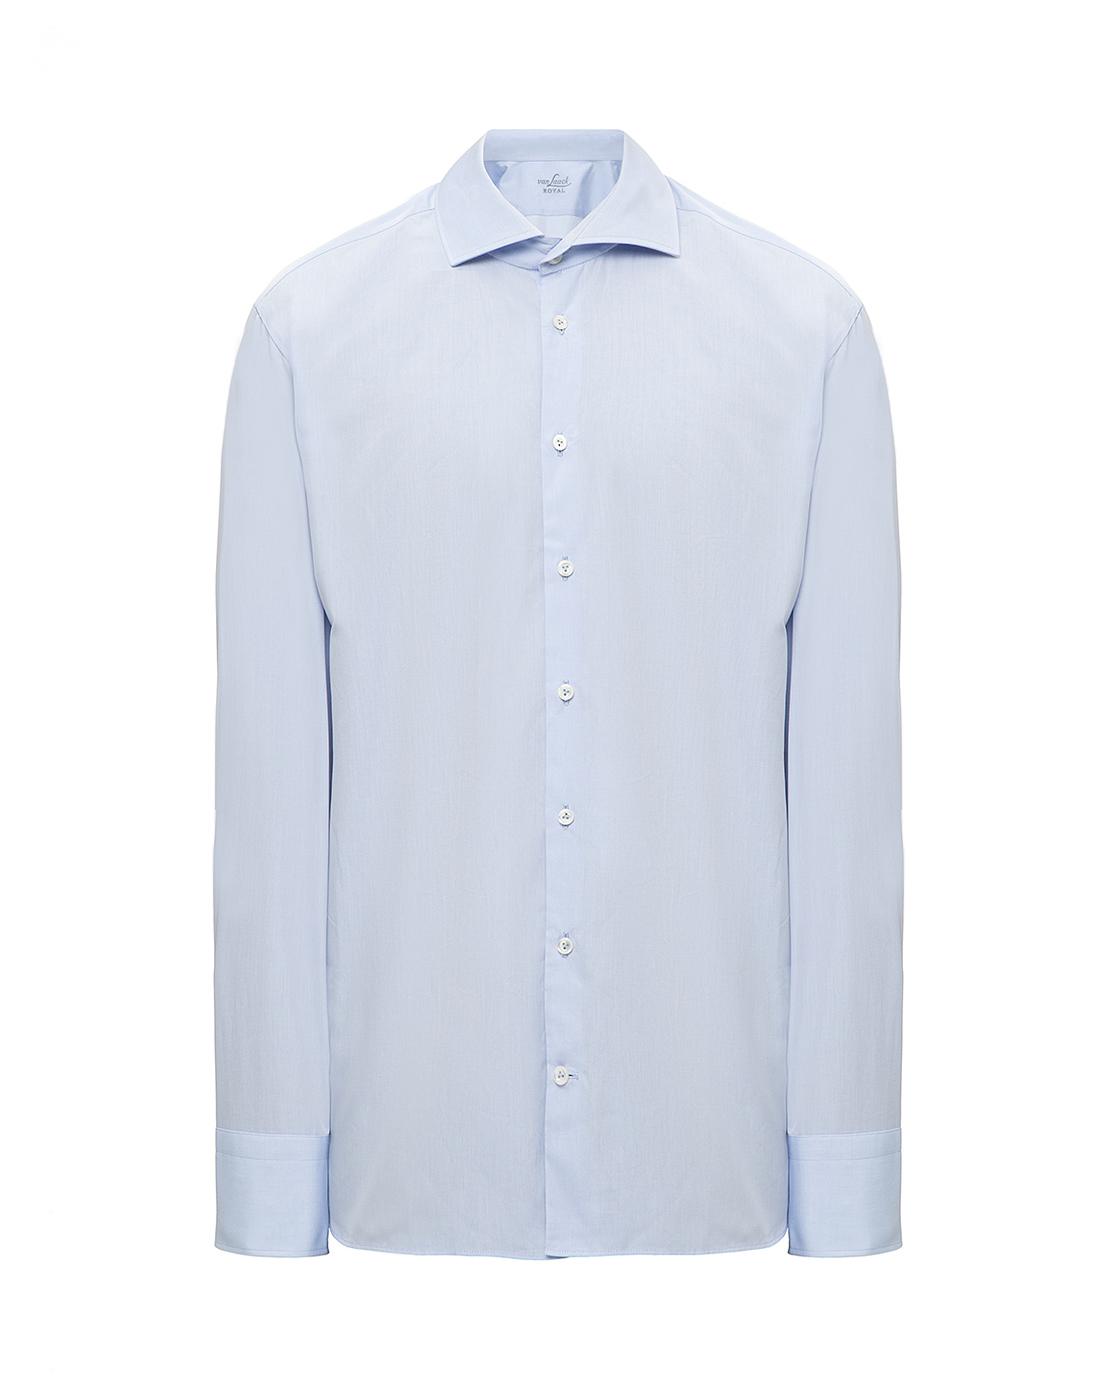 Мужская голубая рубашка Van Laack SS130657/720-1